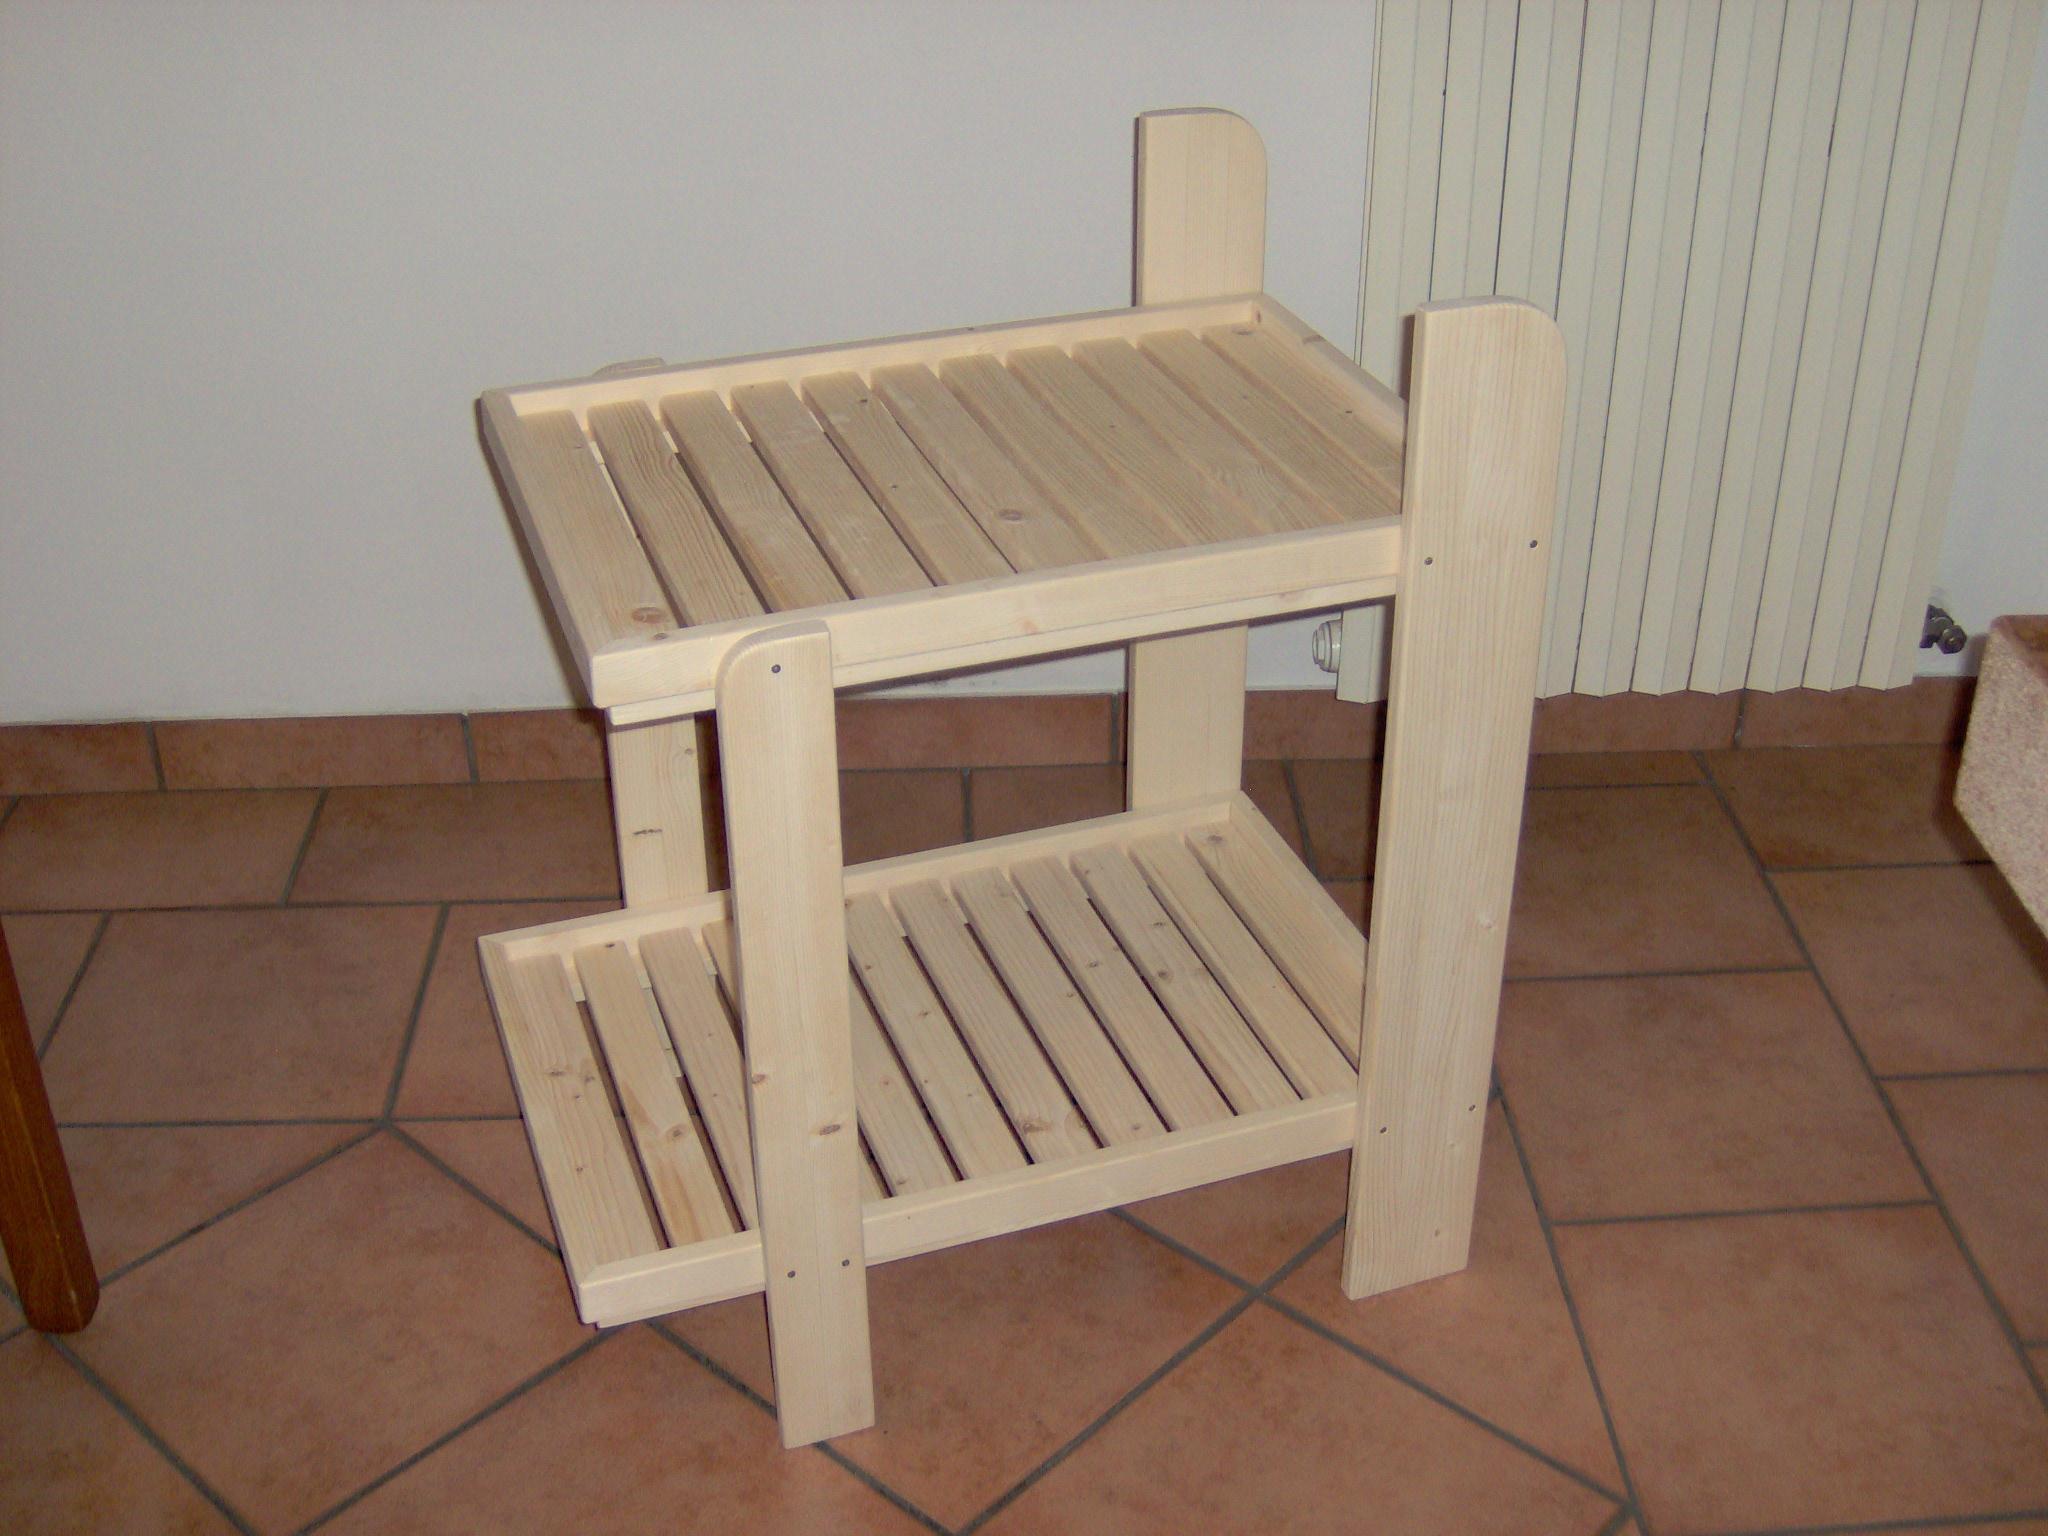 Oggetti in legno fai da te by silvano carrello for Piccoli oggetti in legno fai da te